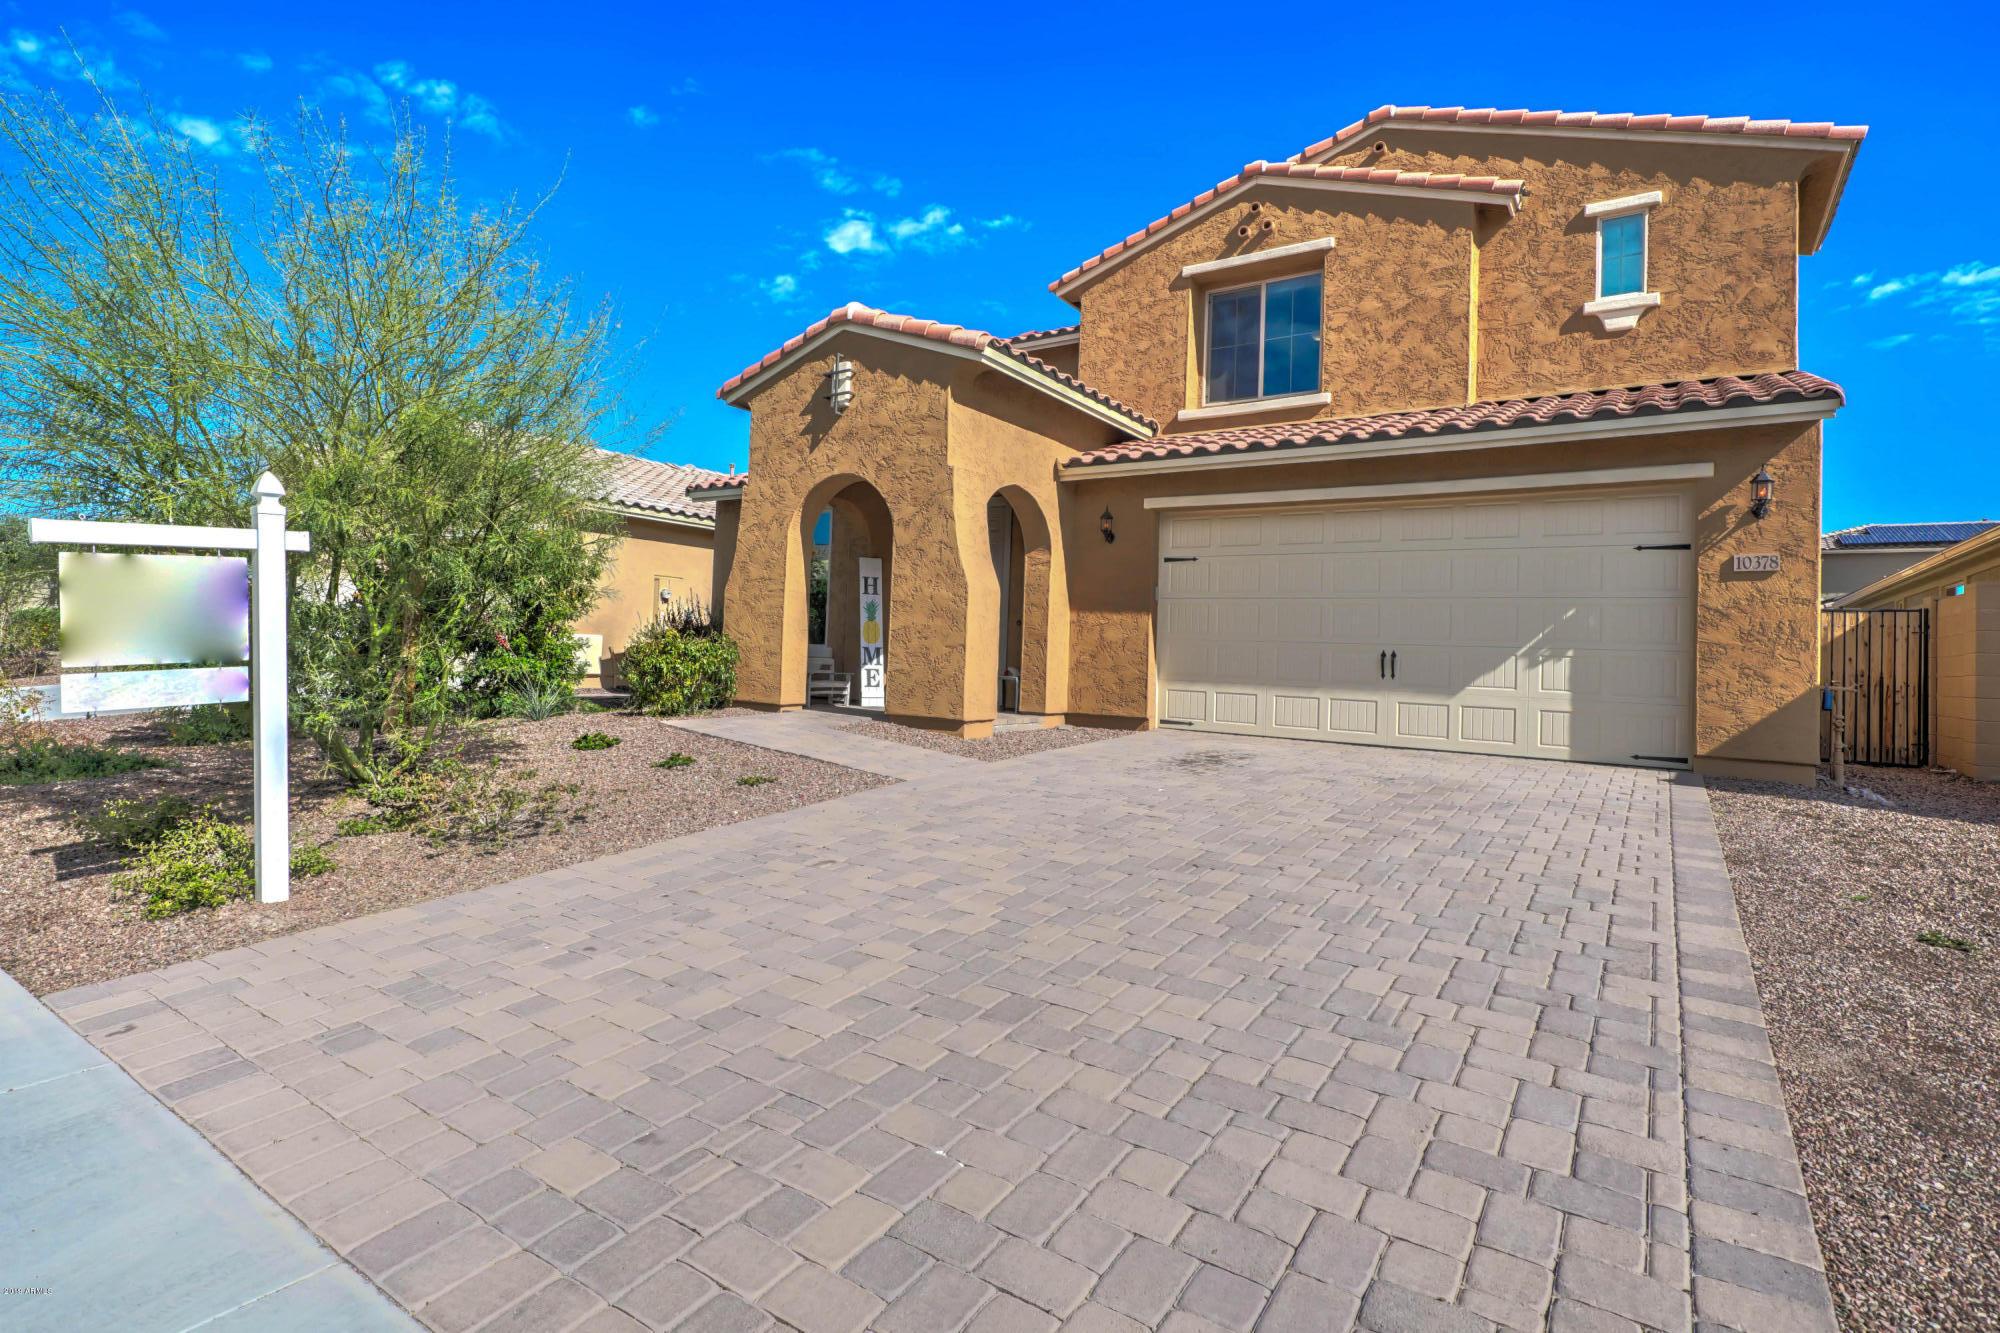 Photo of 10378 W BAJADA Road, Peoria, AZ 85383